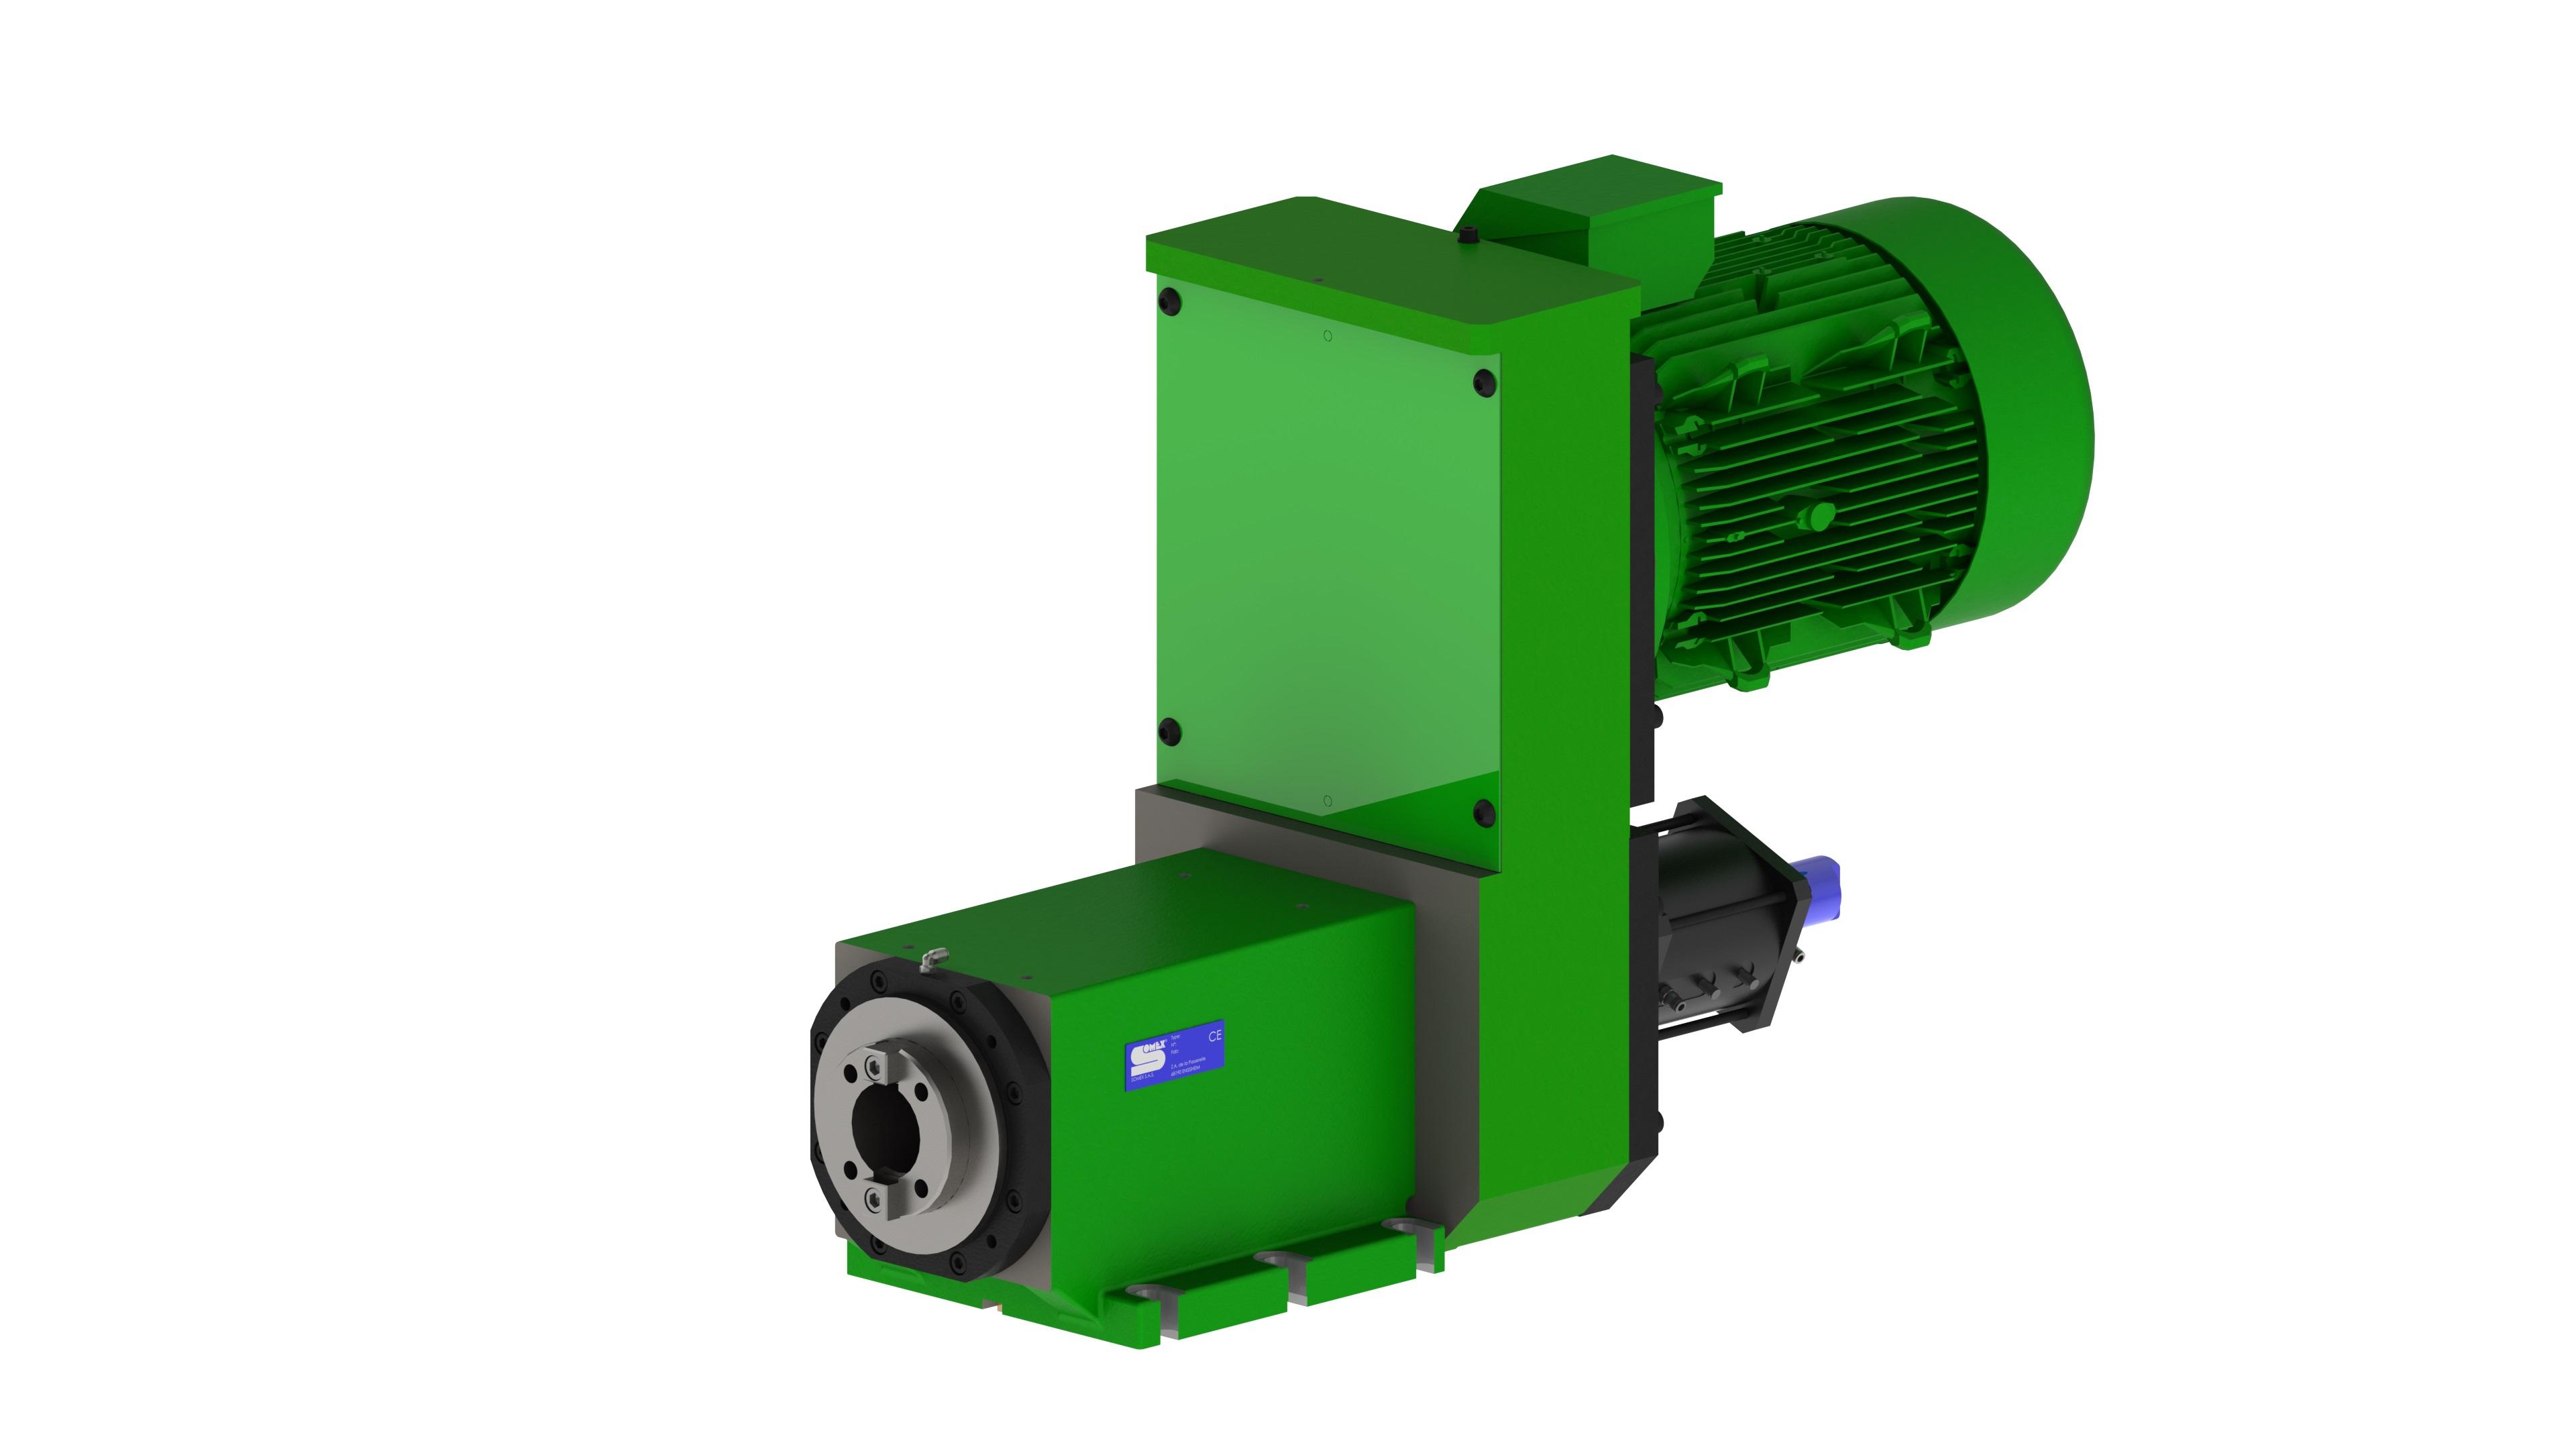 MAX200 CO - Broche d'usinage avec changeur d'outils automatique